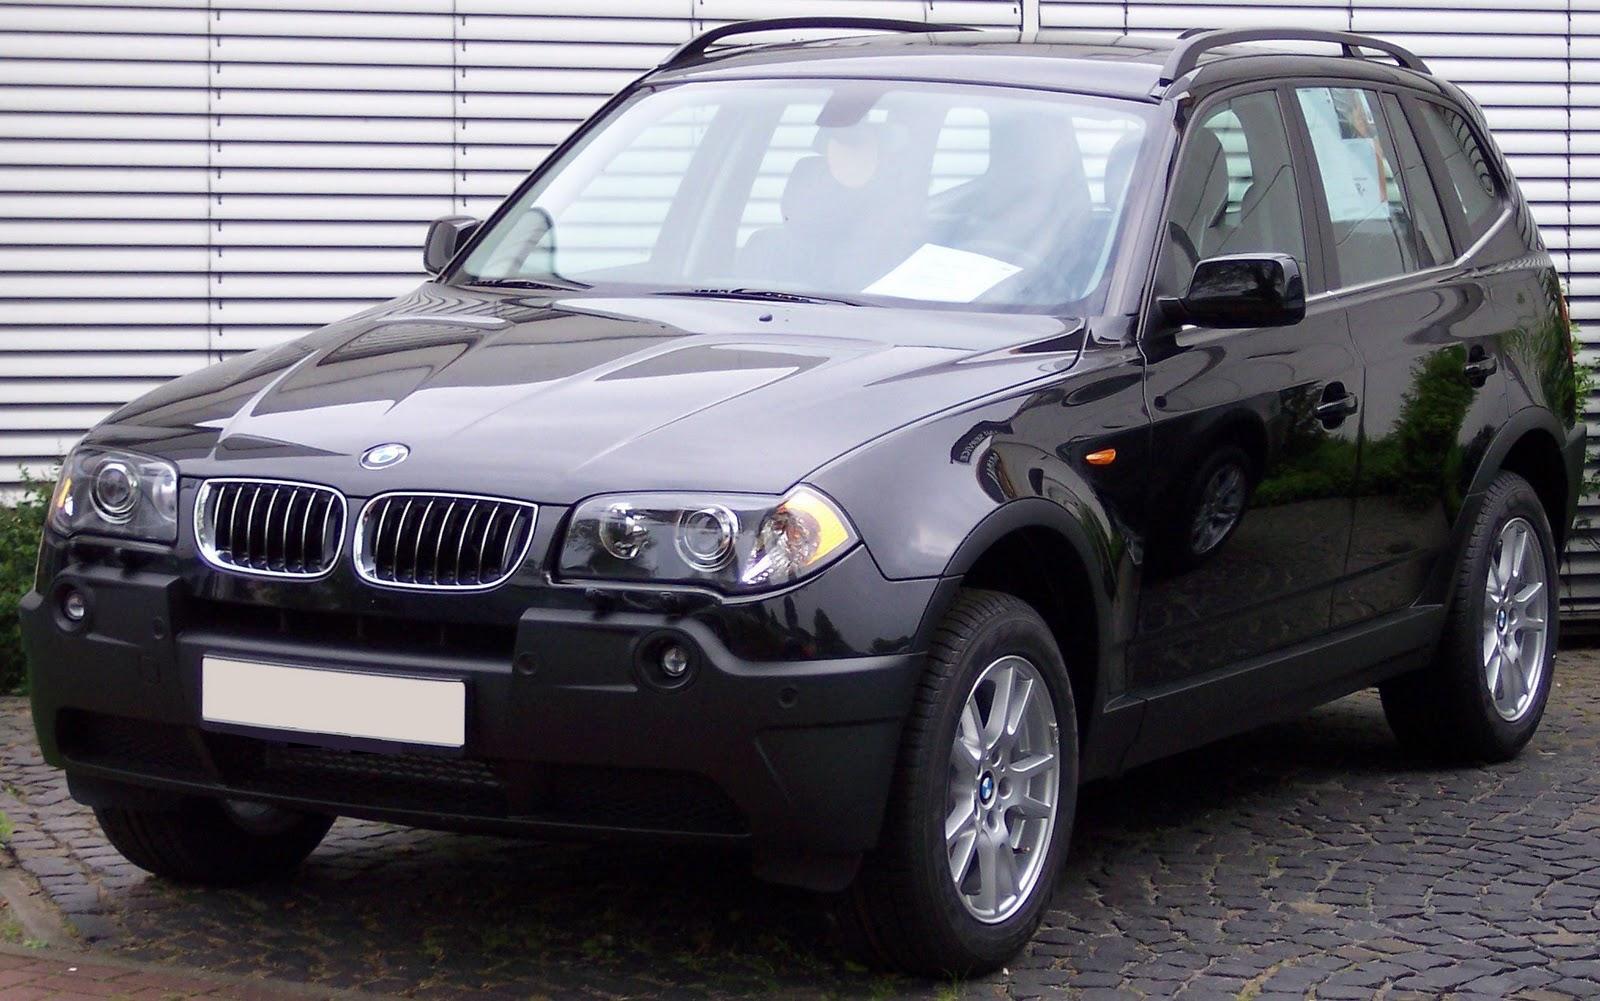 bmw automobiles bmw x3 2010 black